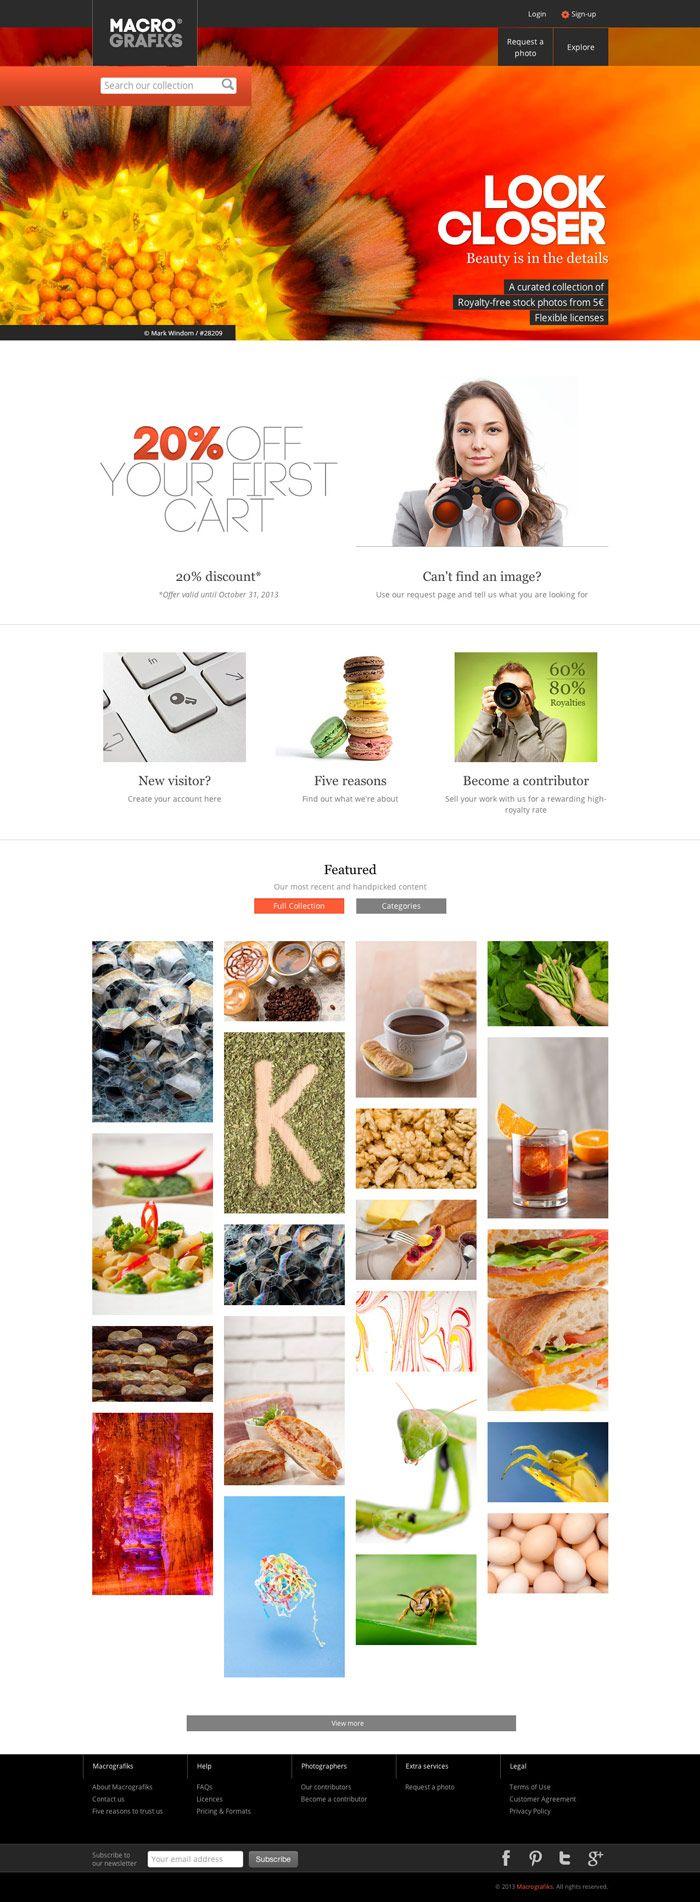 Macrografiks new home page www.macrografiks.com